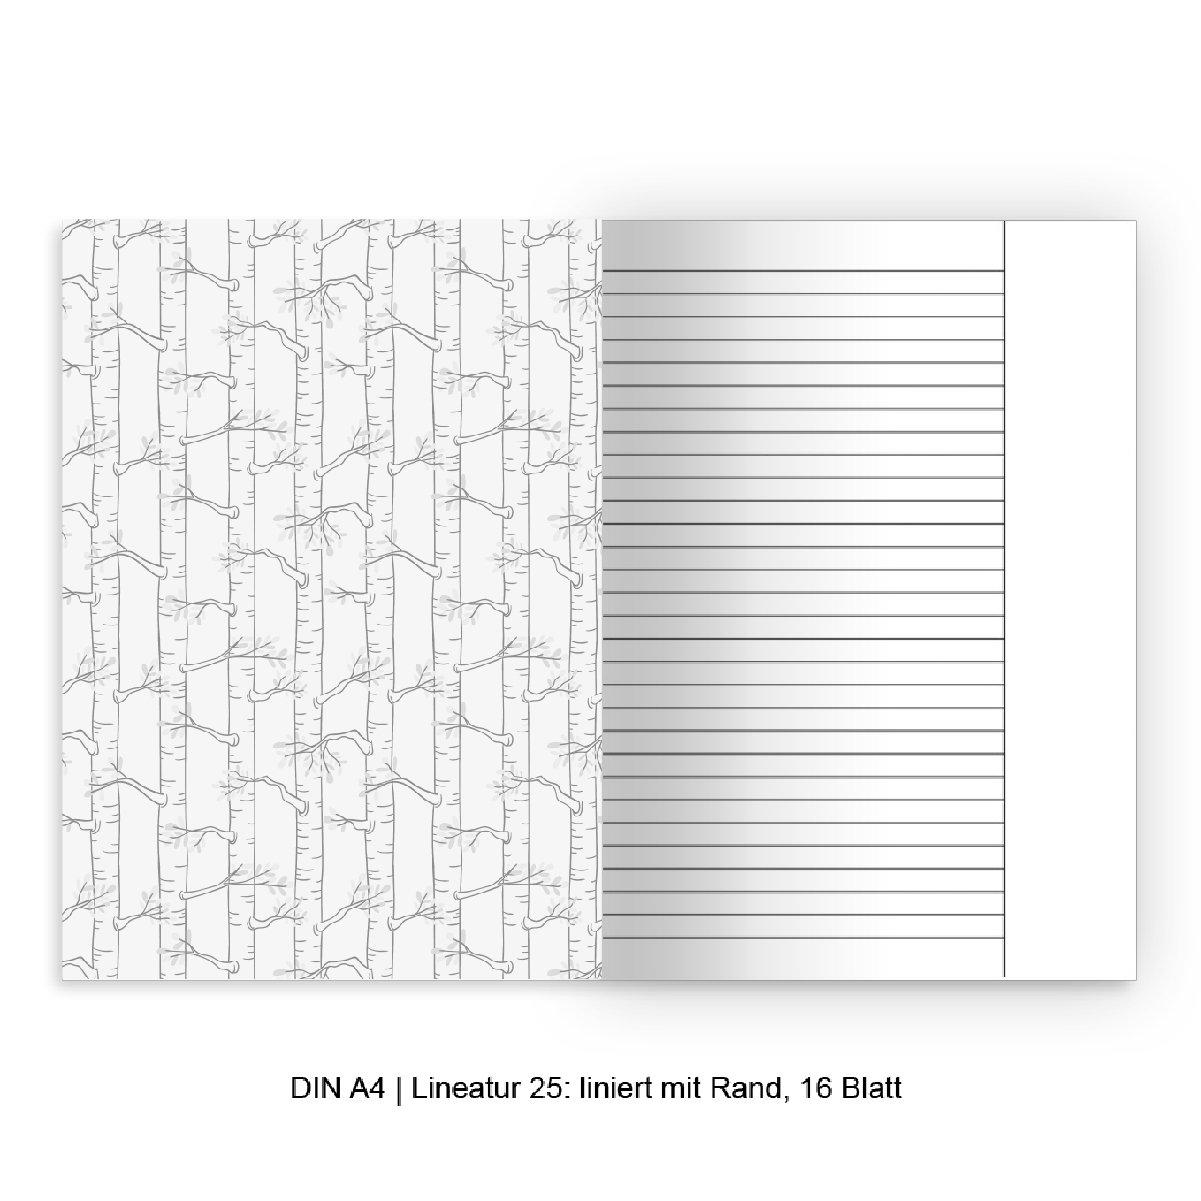 Schreibhefte mit bunten Eulen auf beige Lineatur 25 Kartenkaufrausch 2 personalisierte liniertes Heft S/ü/ße DIN A4 Schulhefte